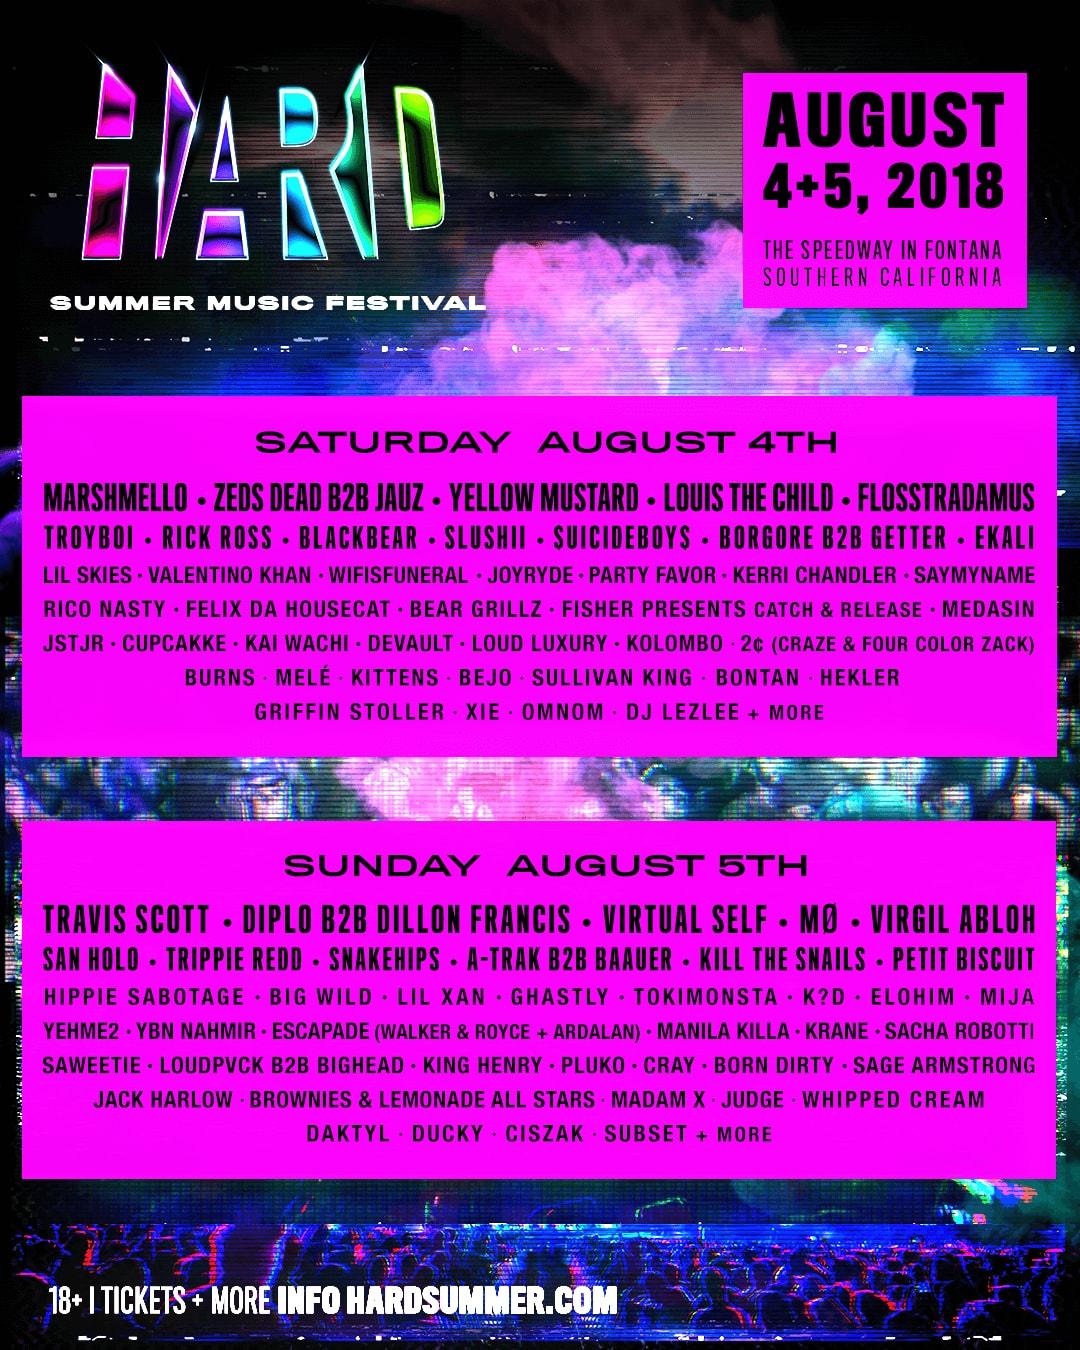 HARD Summer Music Festival 2018 Lineup travis scott virgil abloh rick ross diplo